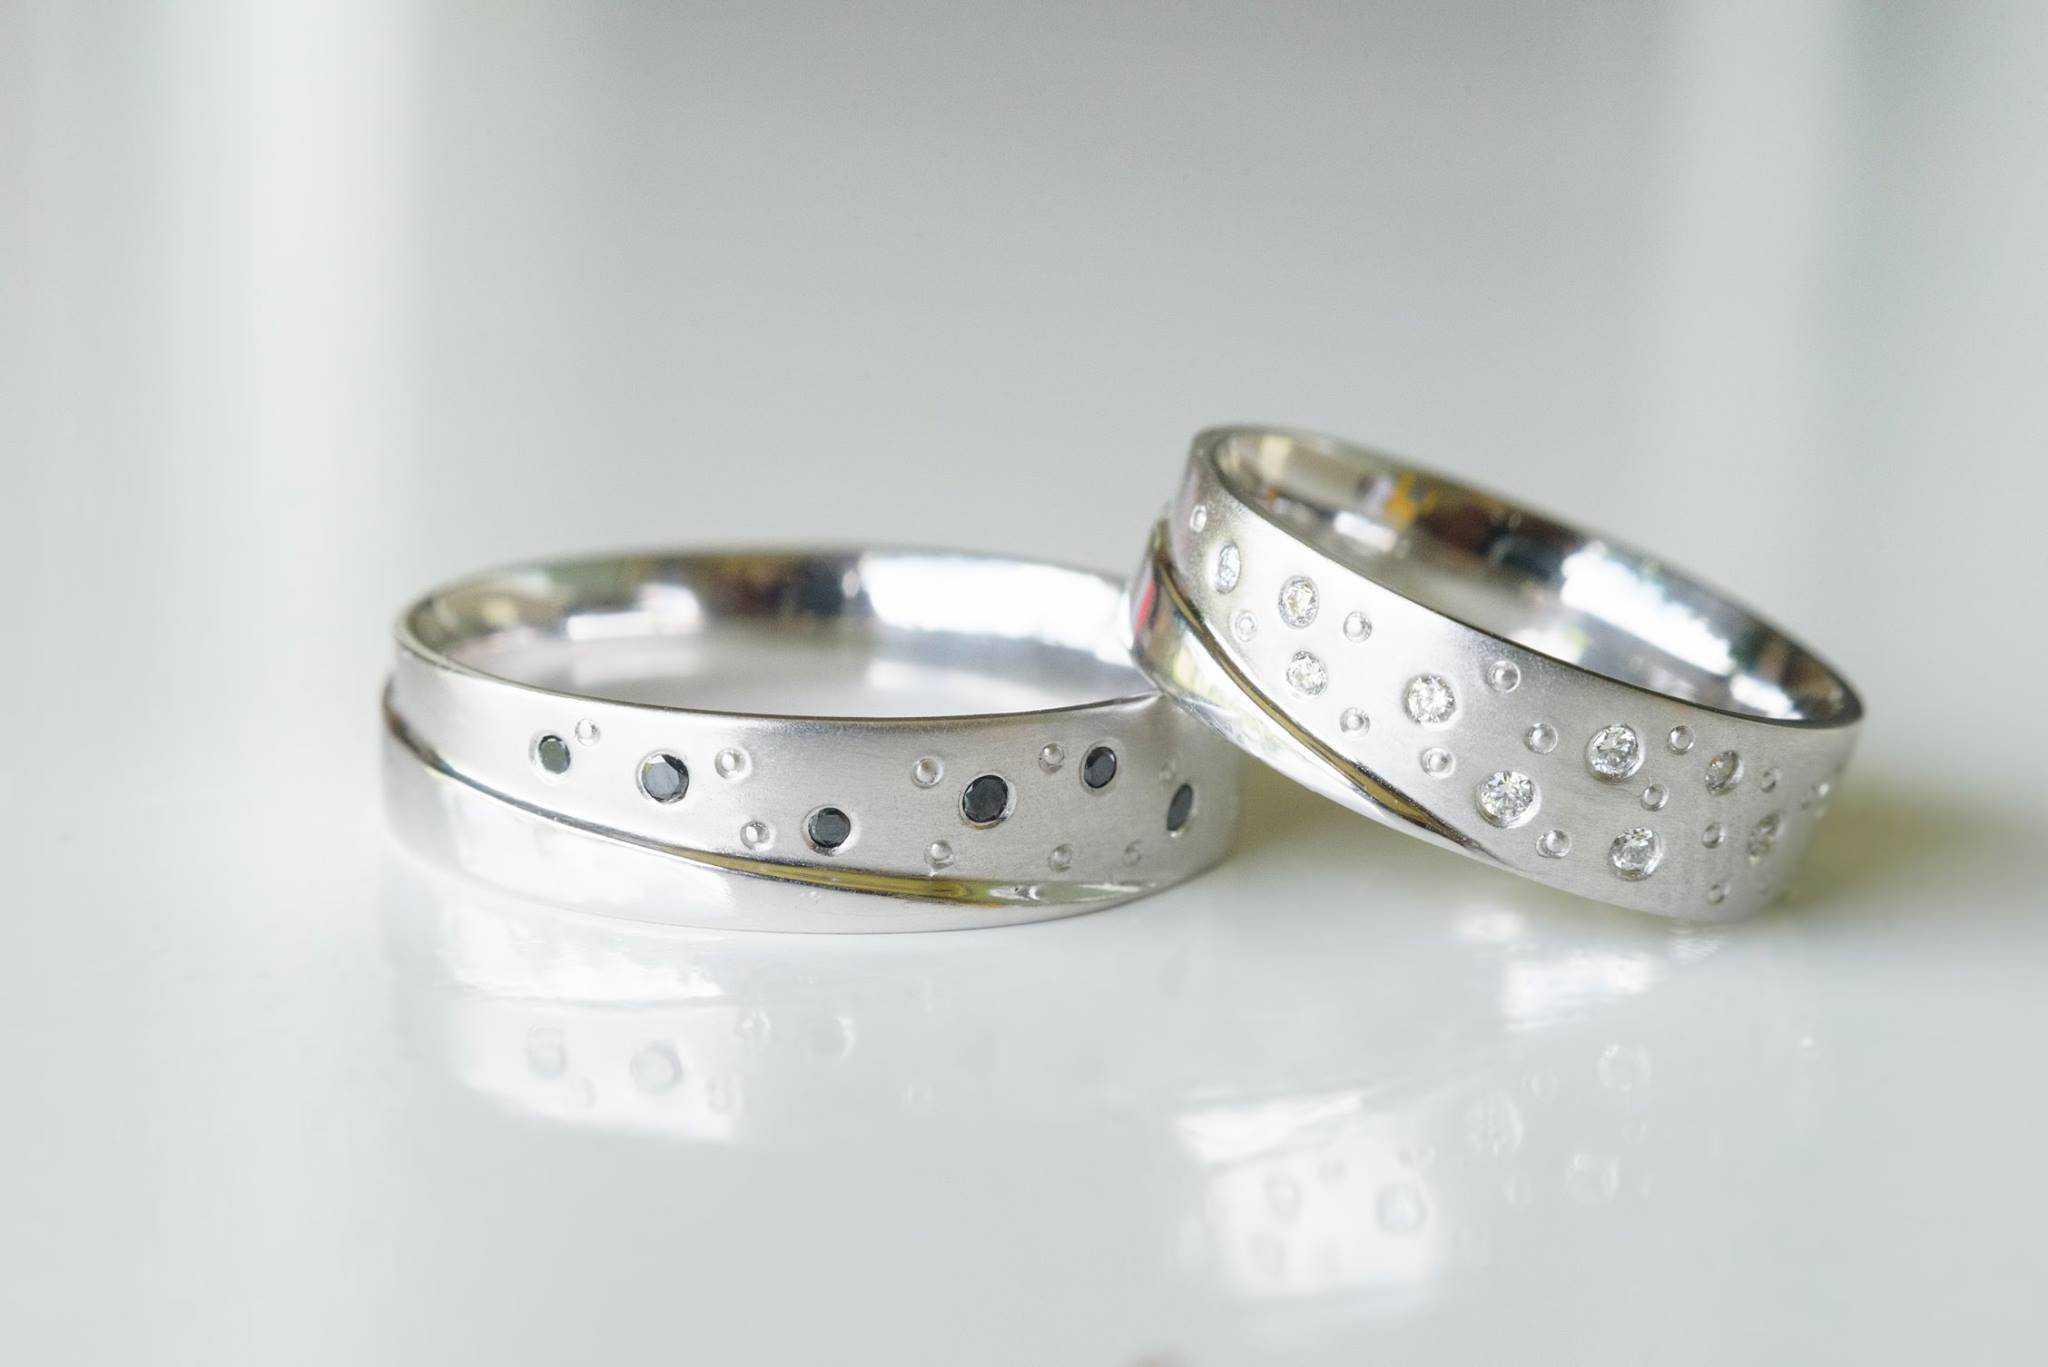 Zlatnictví Kalaš prsteny s kameny